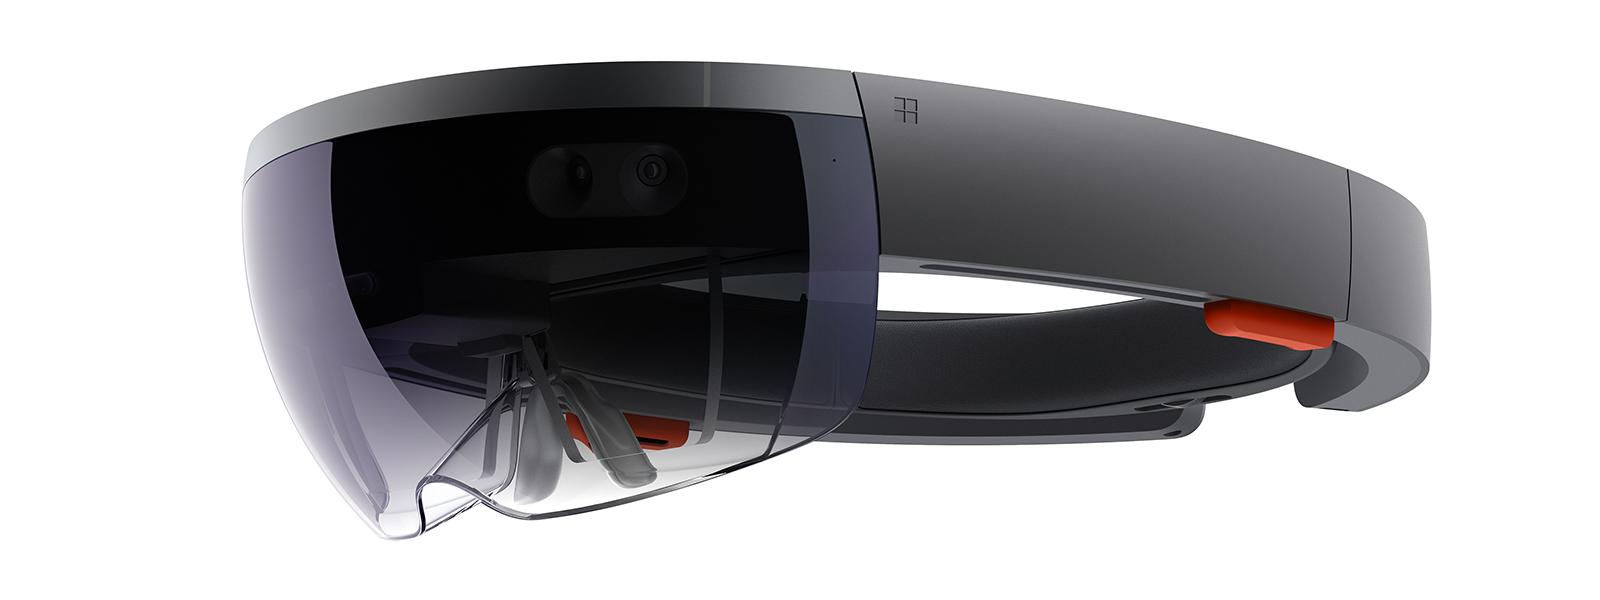 HoloLens at Microsoft Store